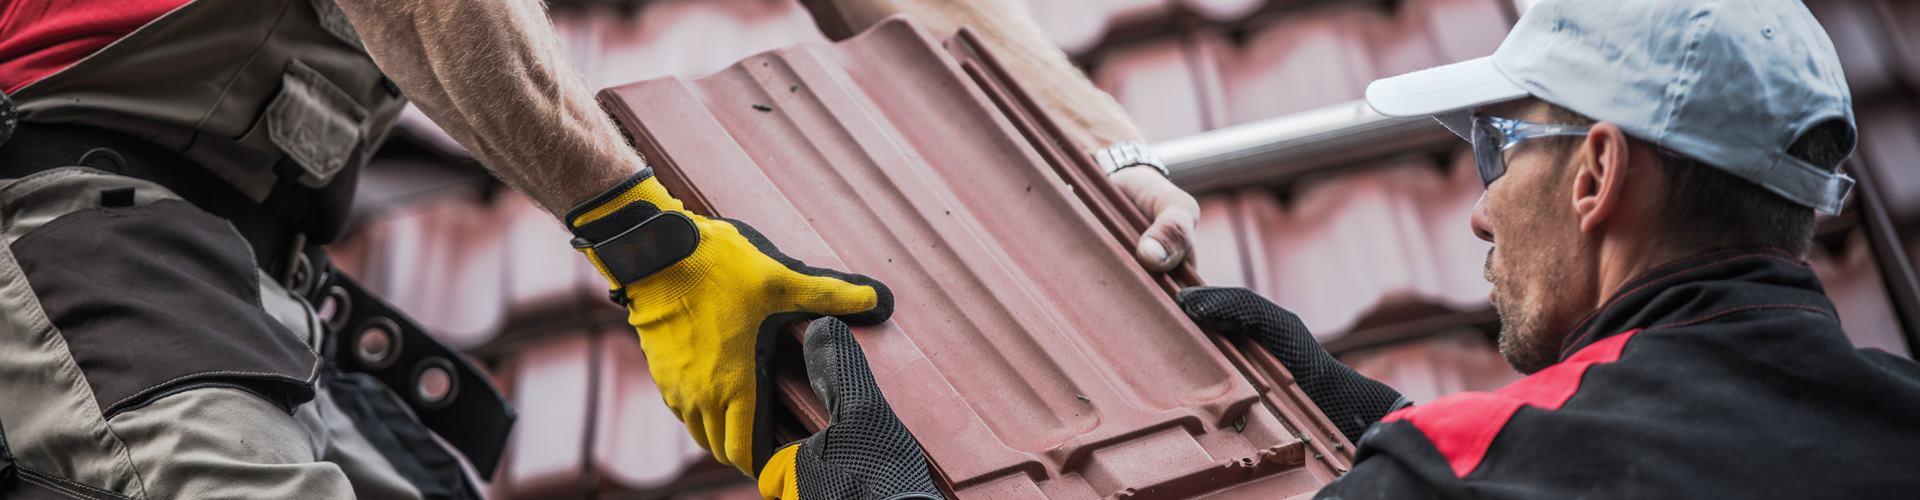 Ein Dach bekommt neue Dachziegel